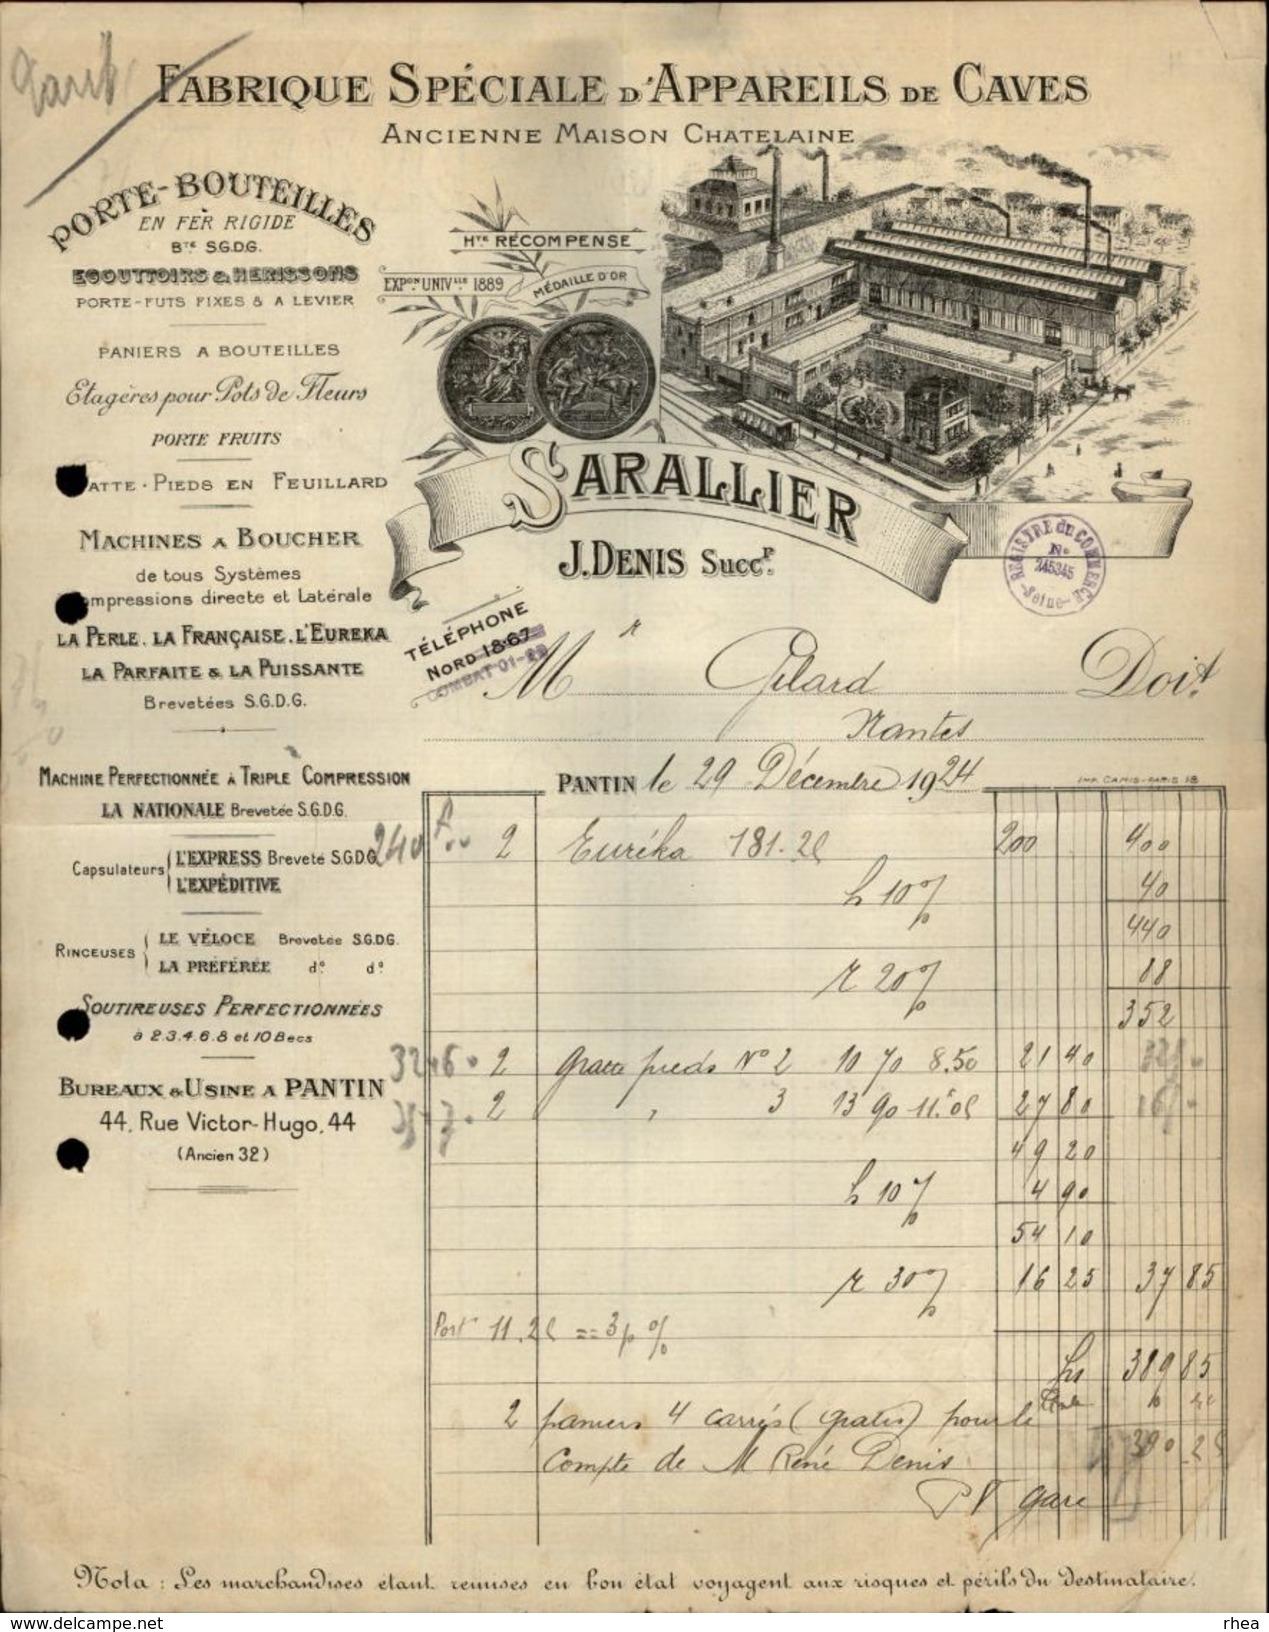 93 - PANTIN - FACTURE 1924 - Fabrique D'appareils De Caves - Porte Bouteilles - Sarallier - France